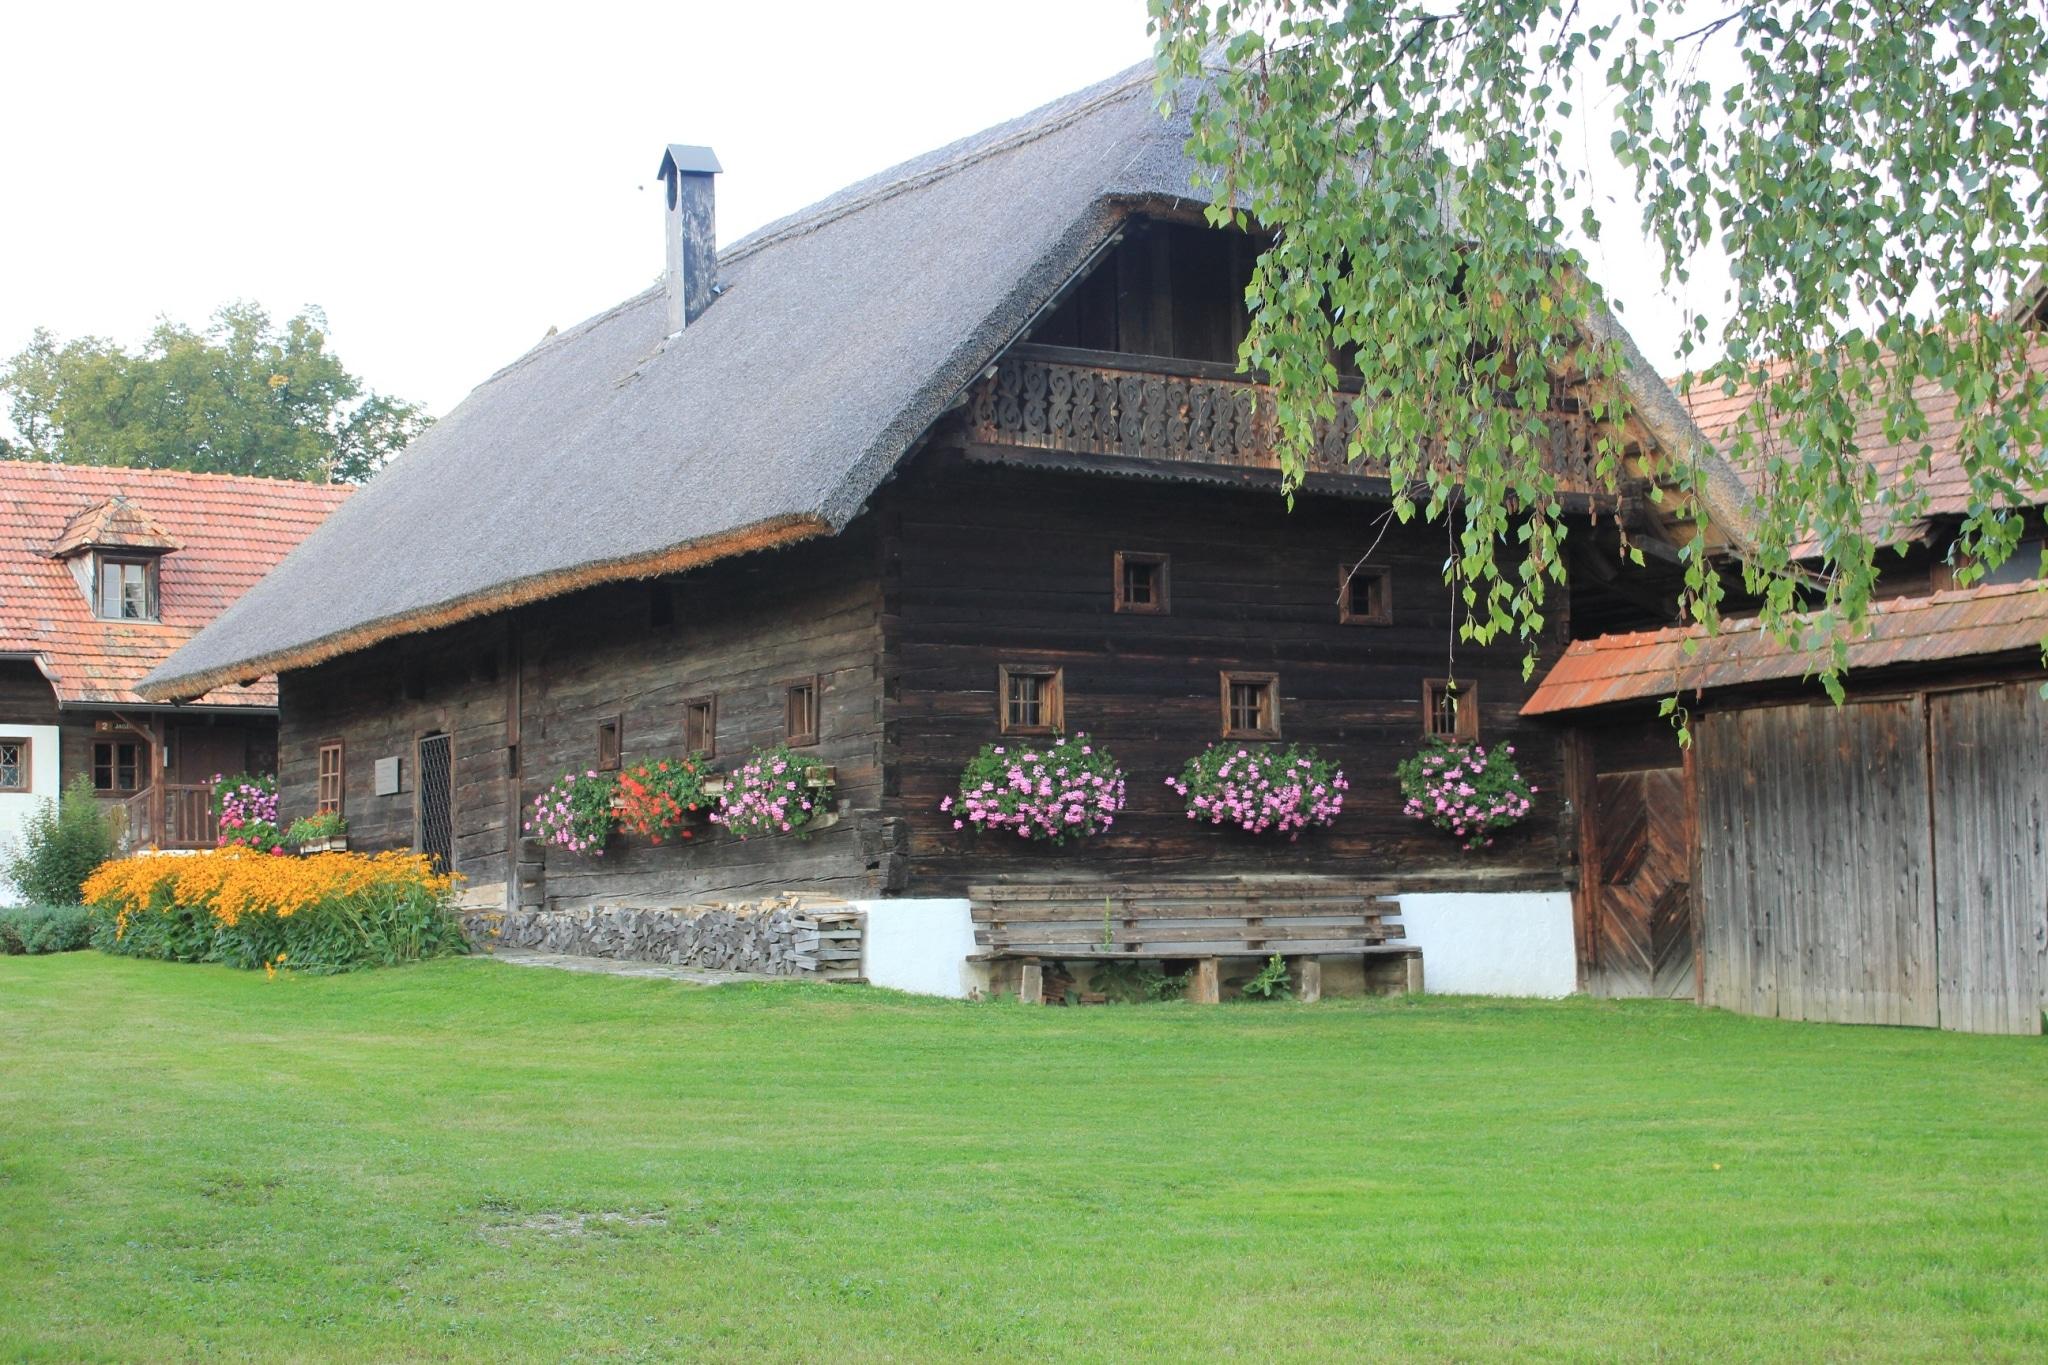 Holzhaus vom Freilichtmuseum Vorau Ausflugsziel vom Biohotel Retter